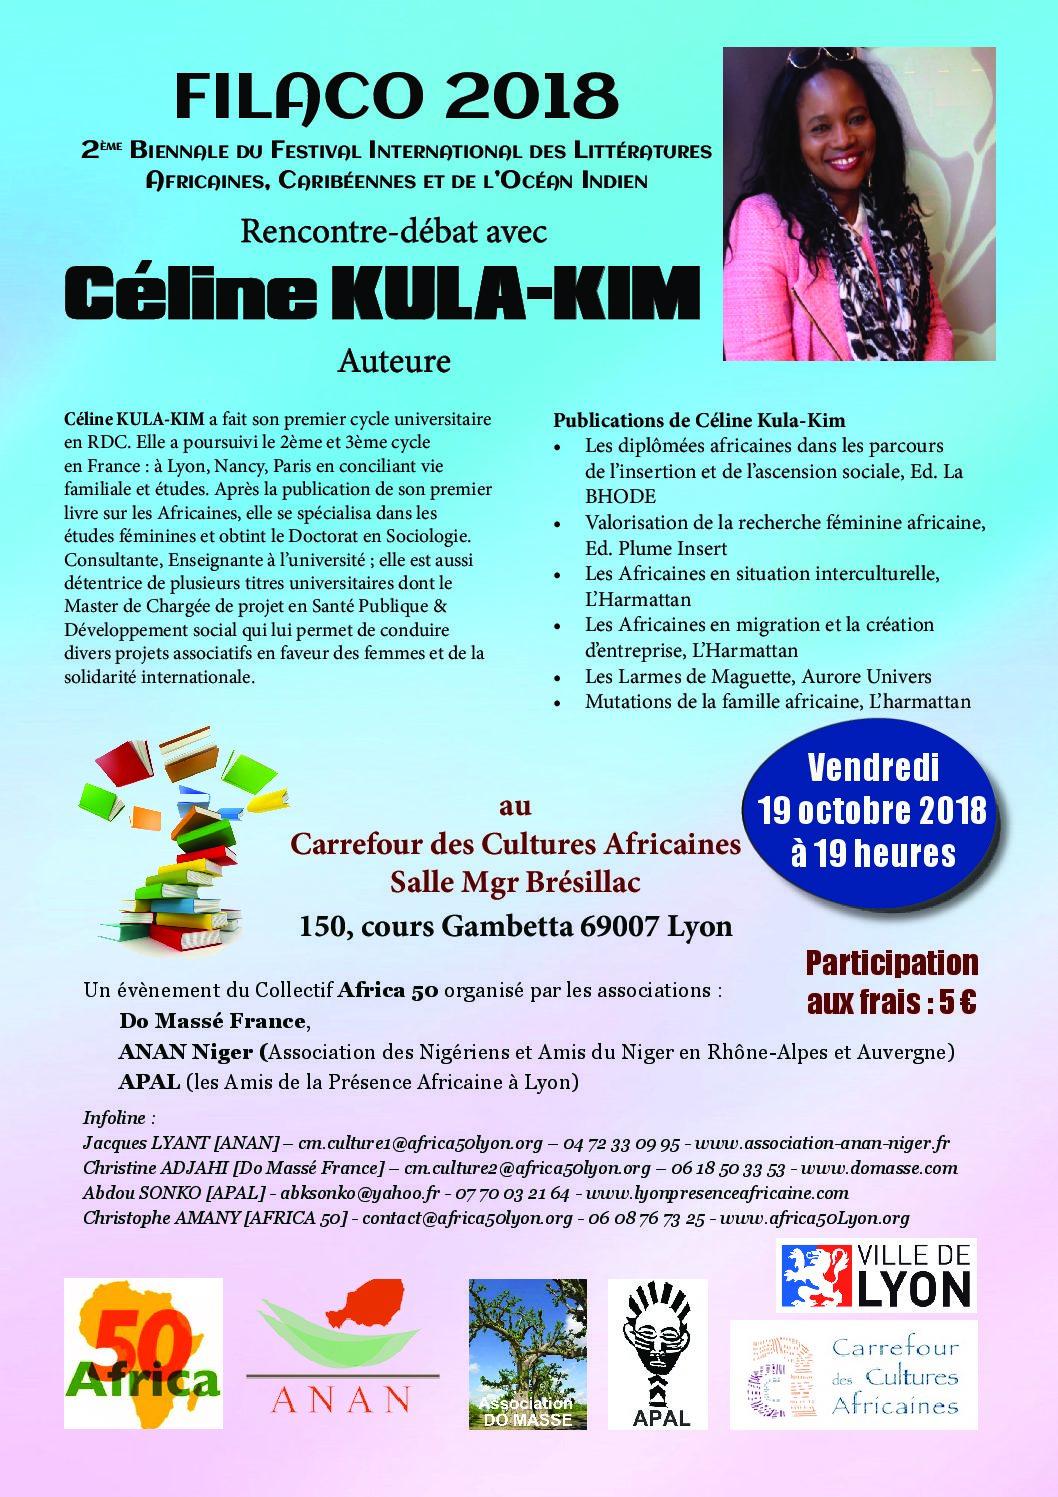 [LITTERATURE] Céline Kula Kim au FIALCO le 19 octobre 2018 au Carrefour des Cultures Africaines